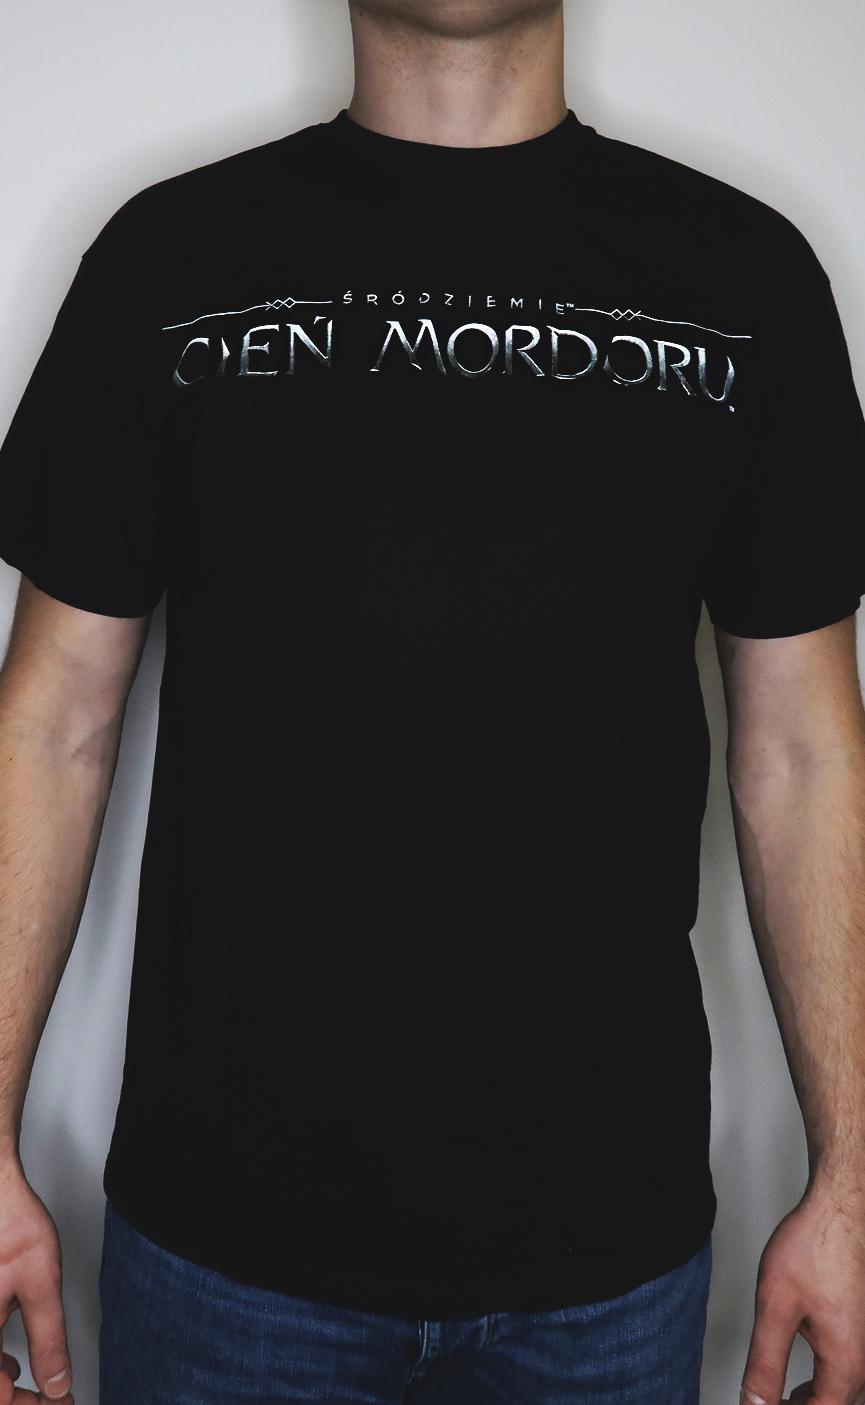 Koszulka Śródziemie Cień Mordoru - rozmiar L